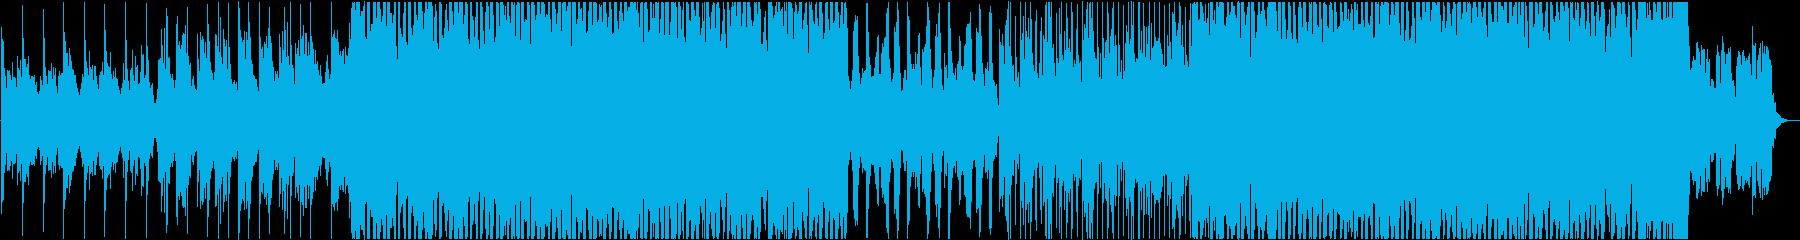 爽やかなシンセリードが特徴的なEDMの再生済みの波形